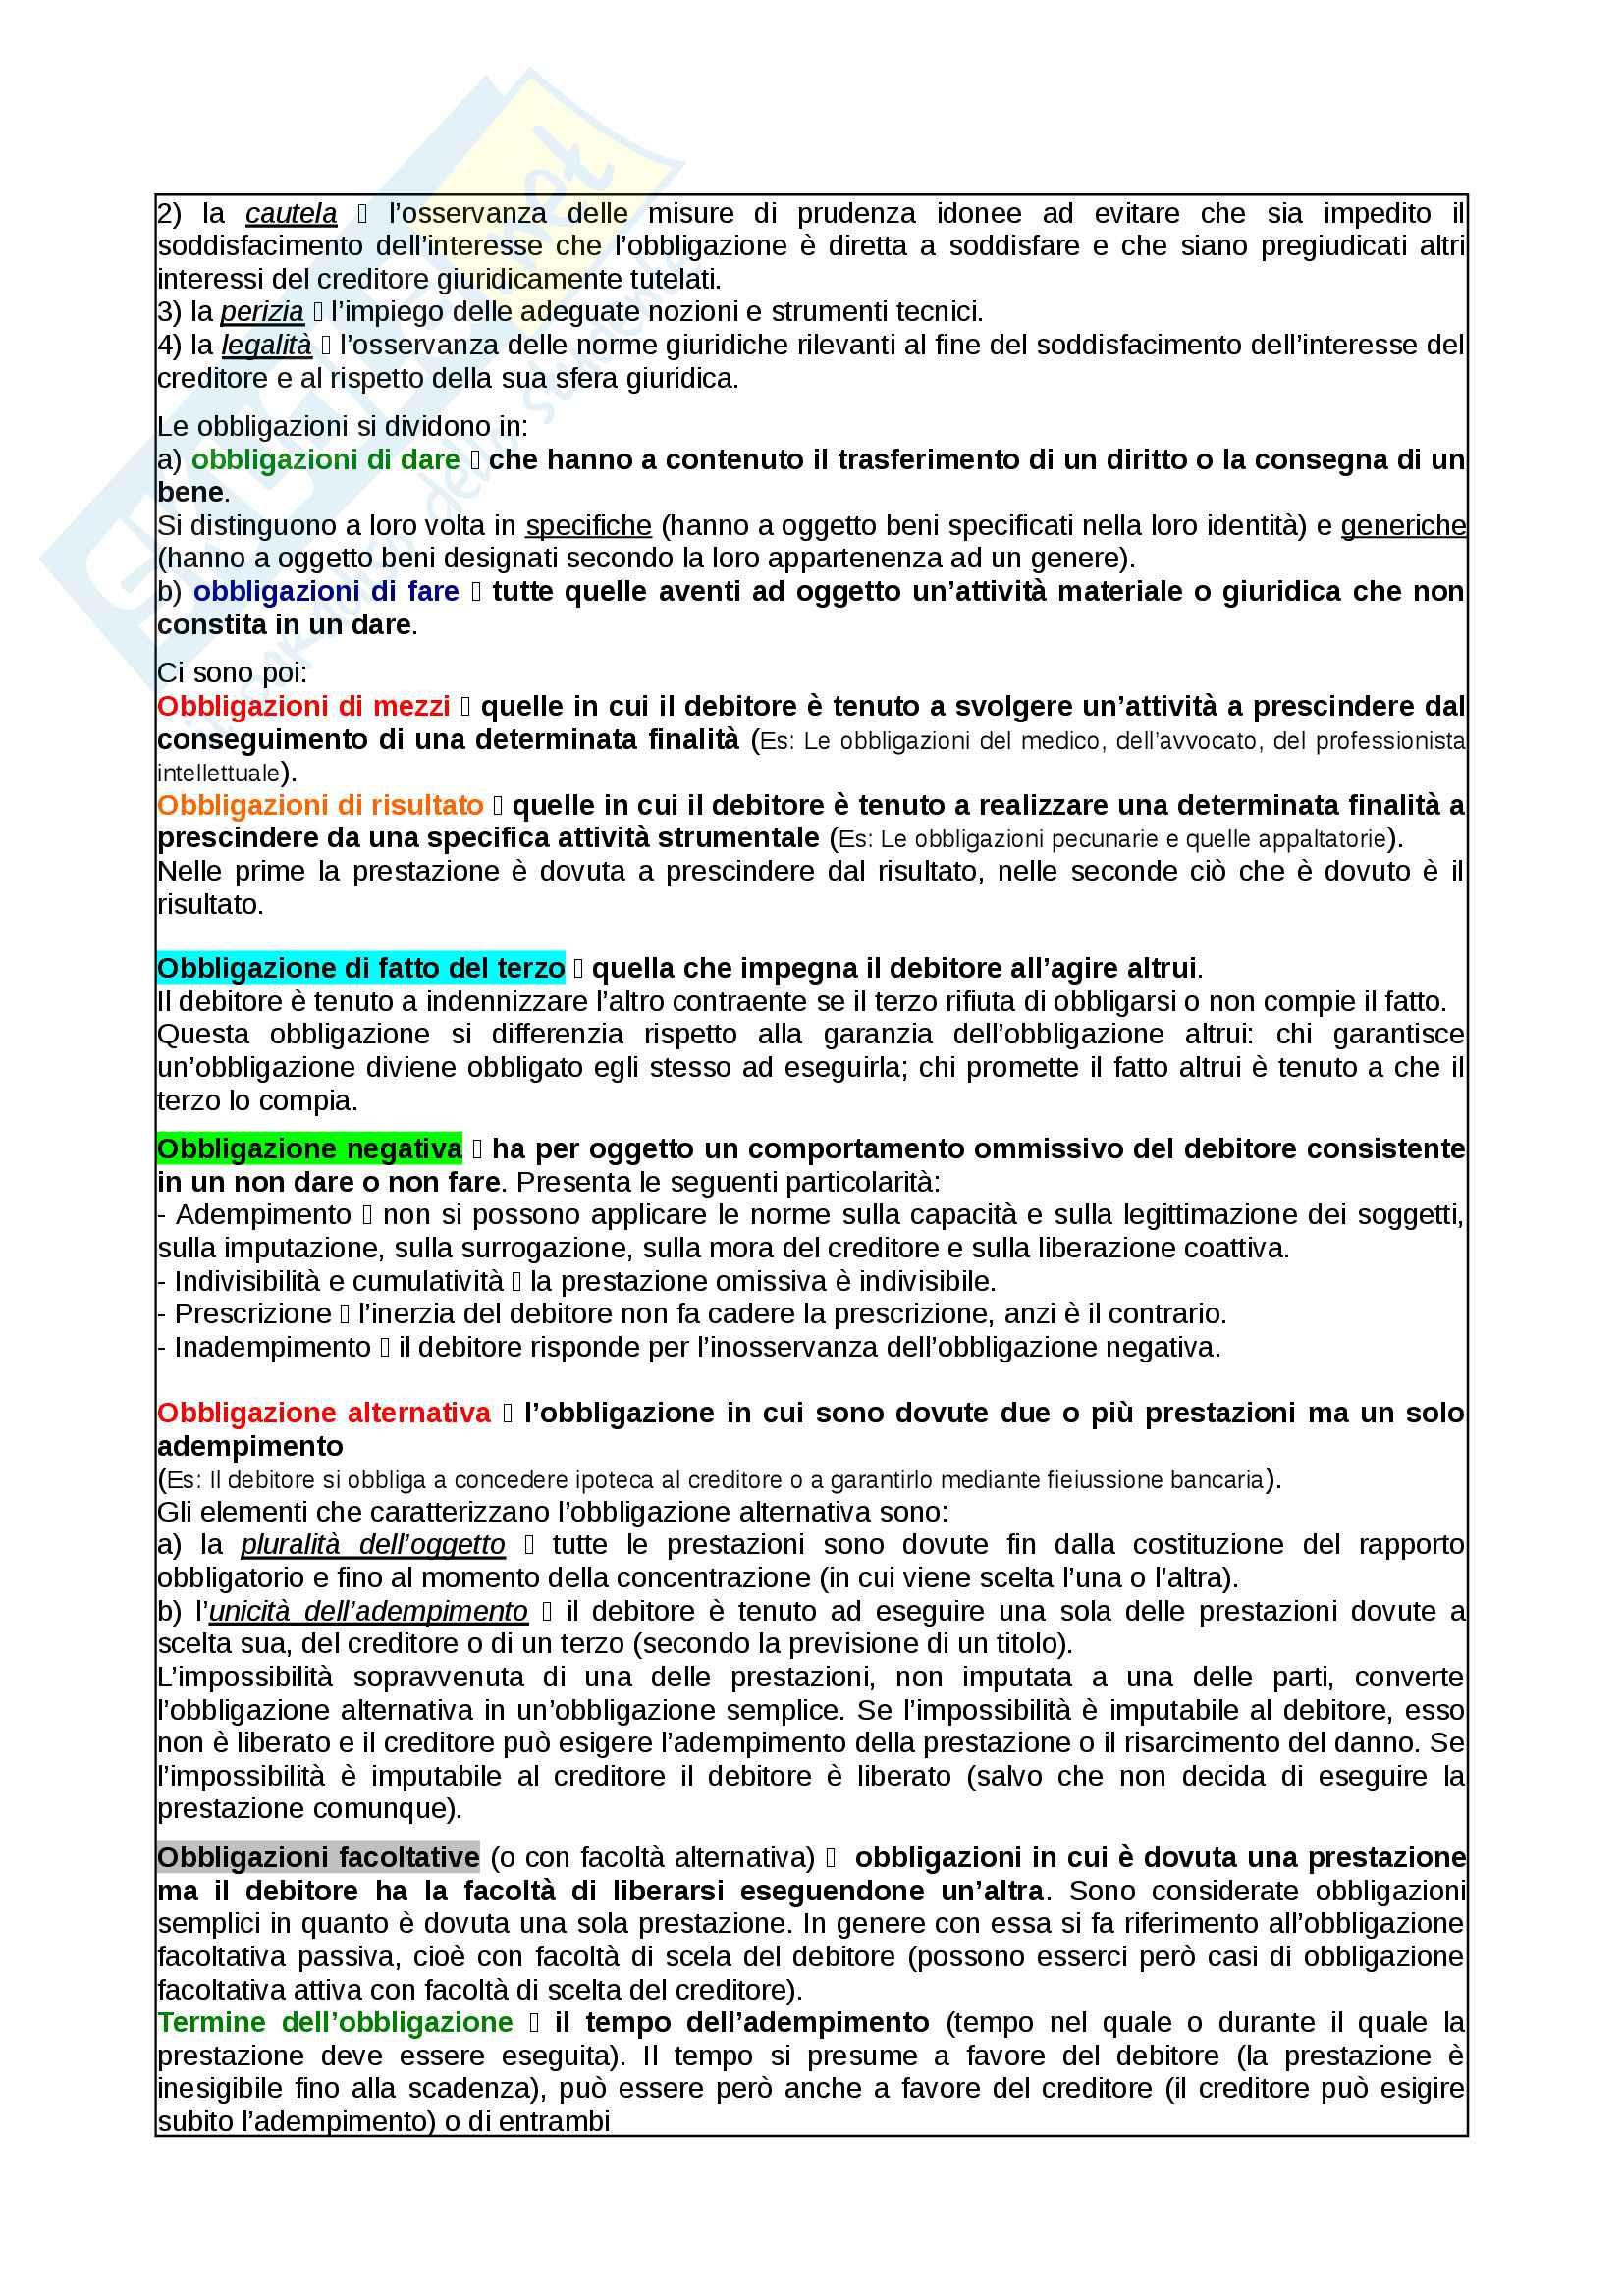 Appunti Diritto Privato Pag. 26